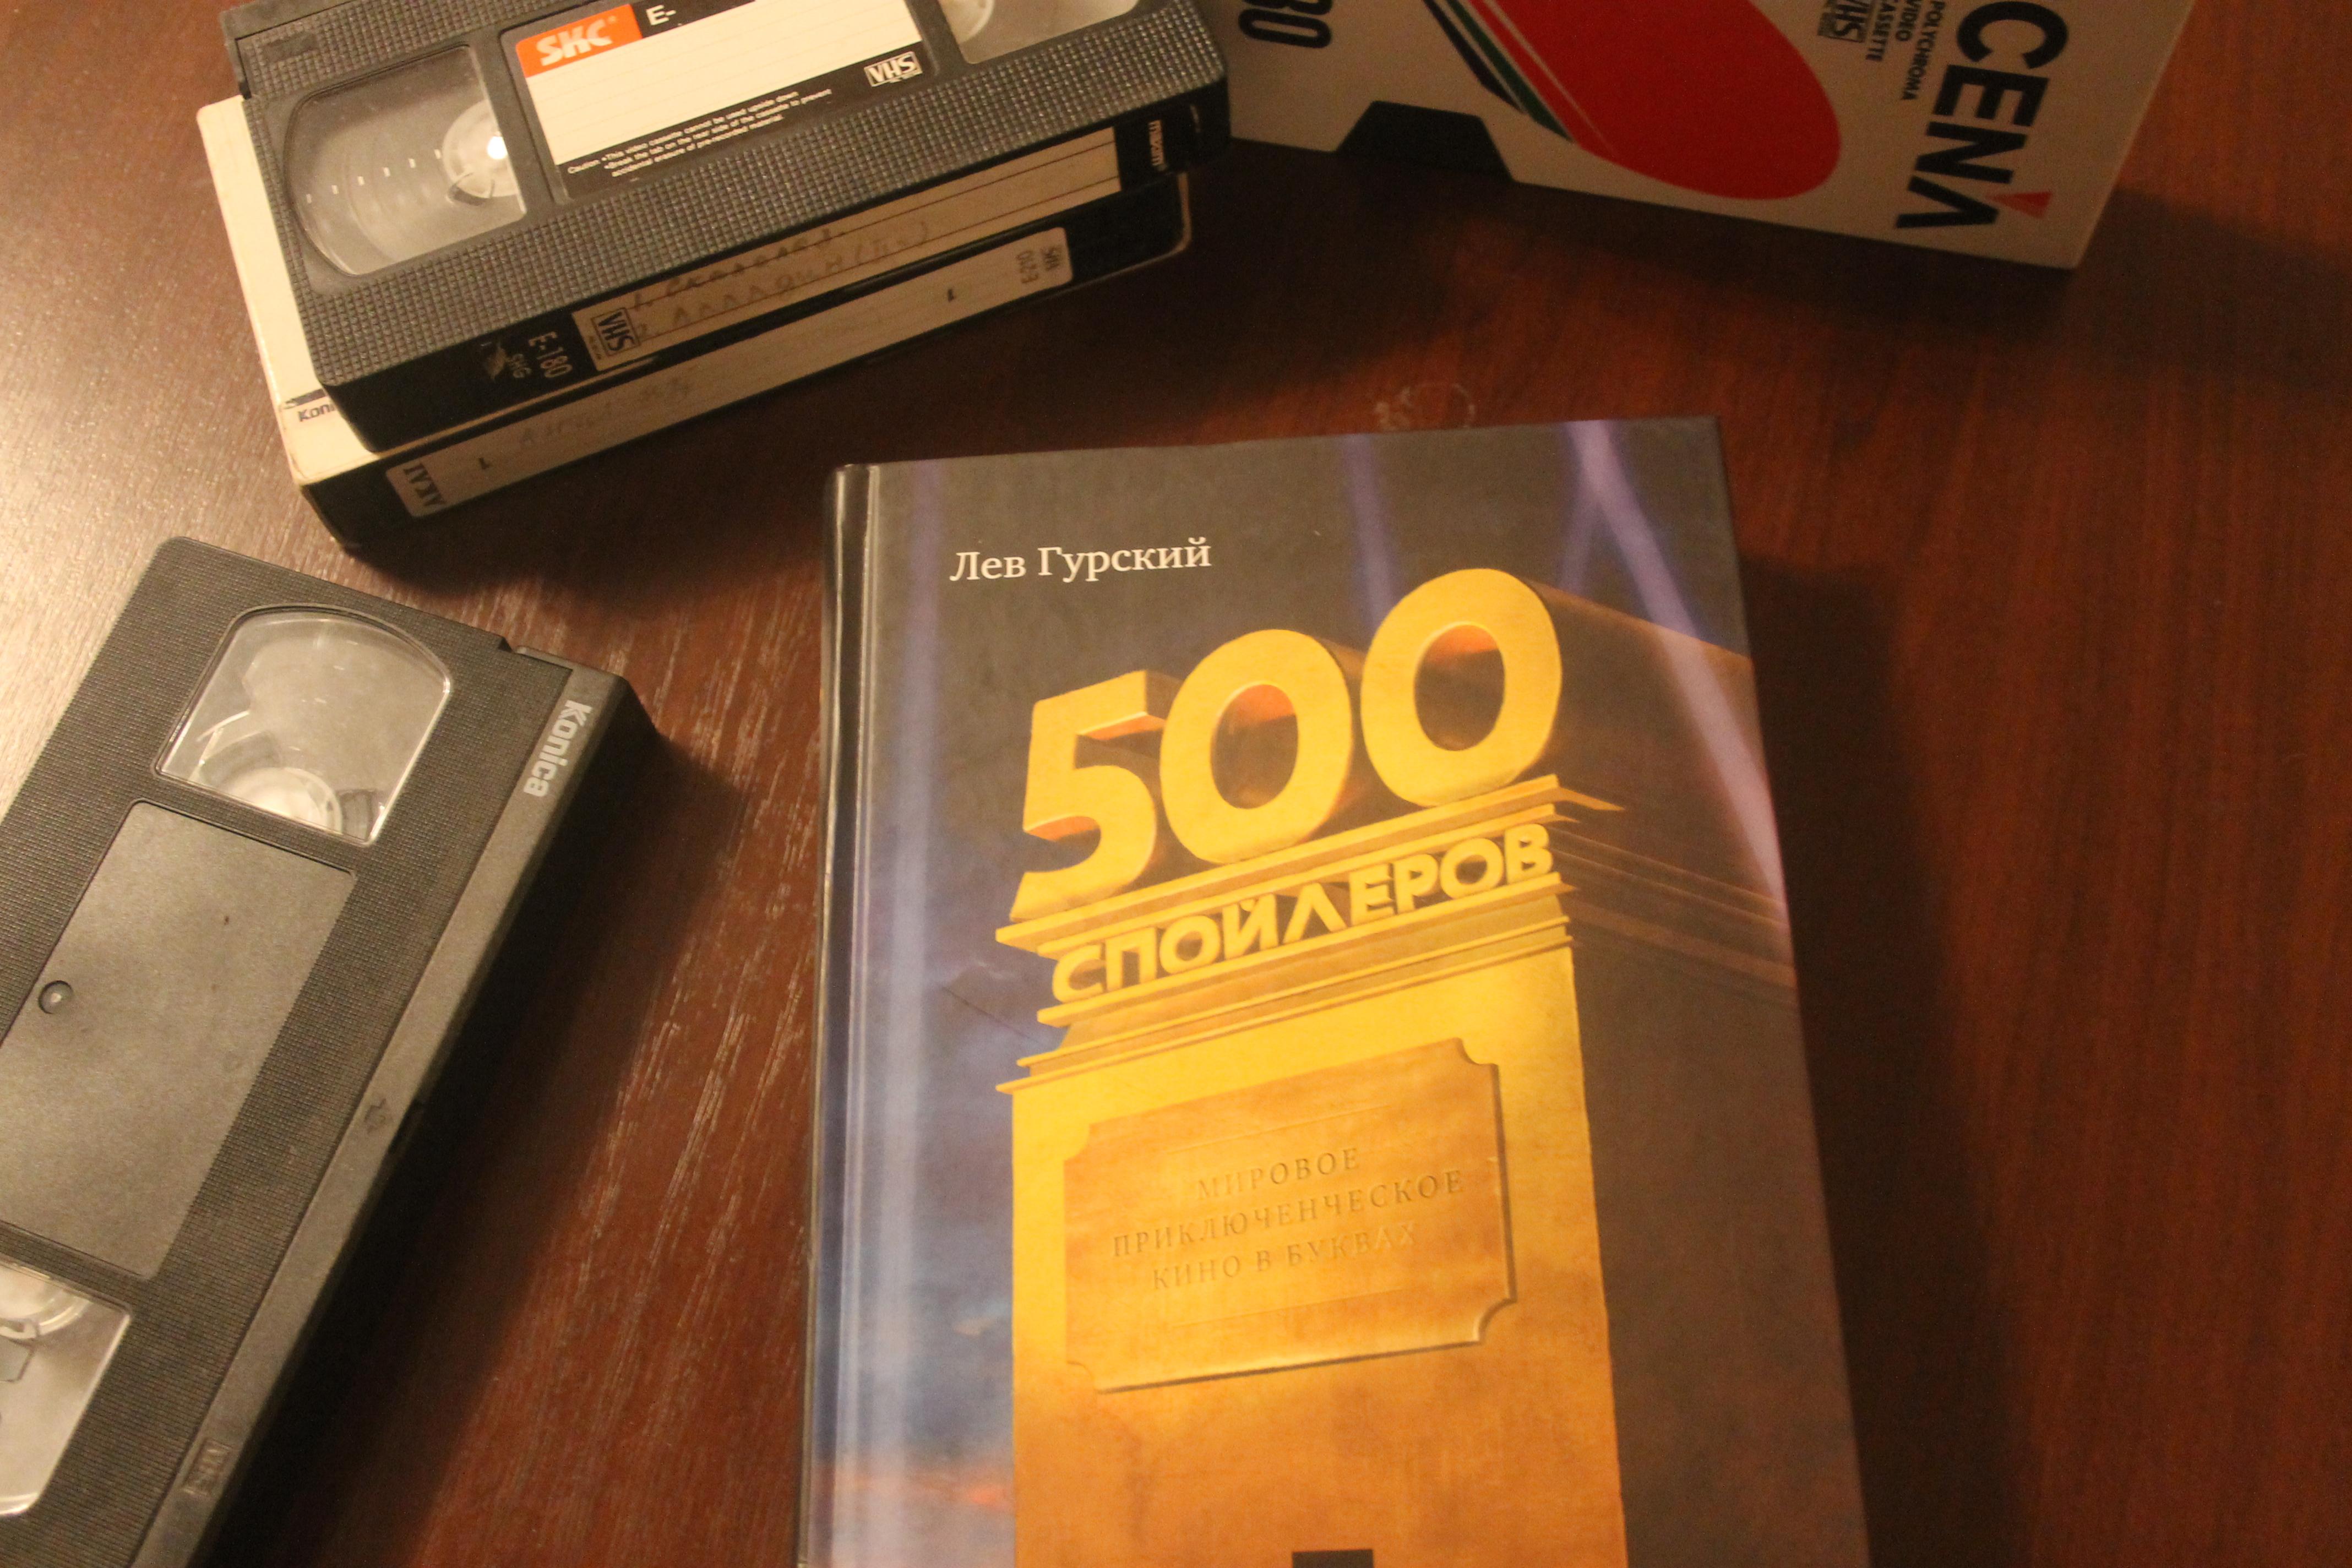 7d2ac6803b0 Как читать кино